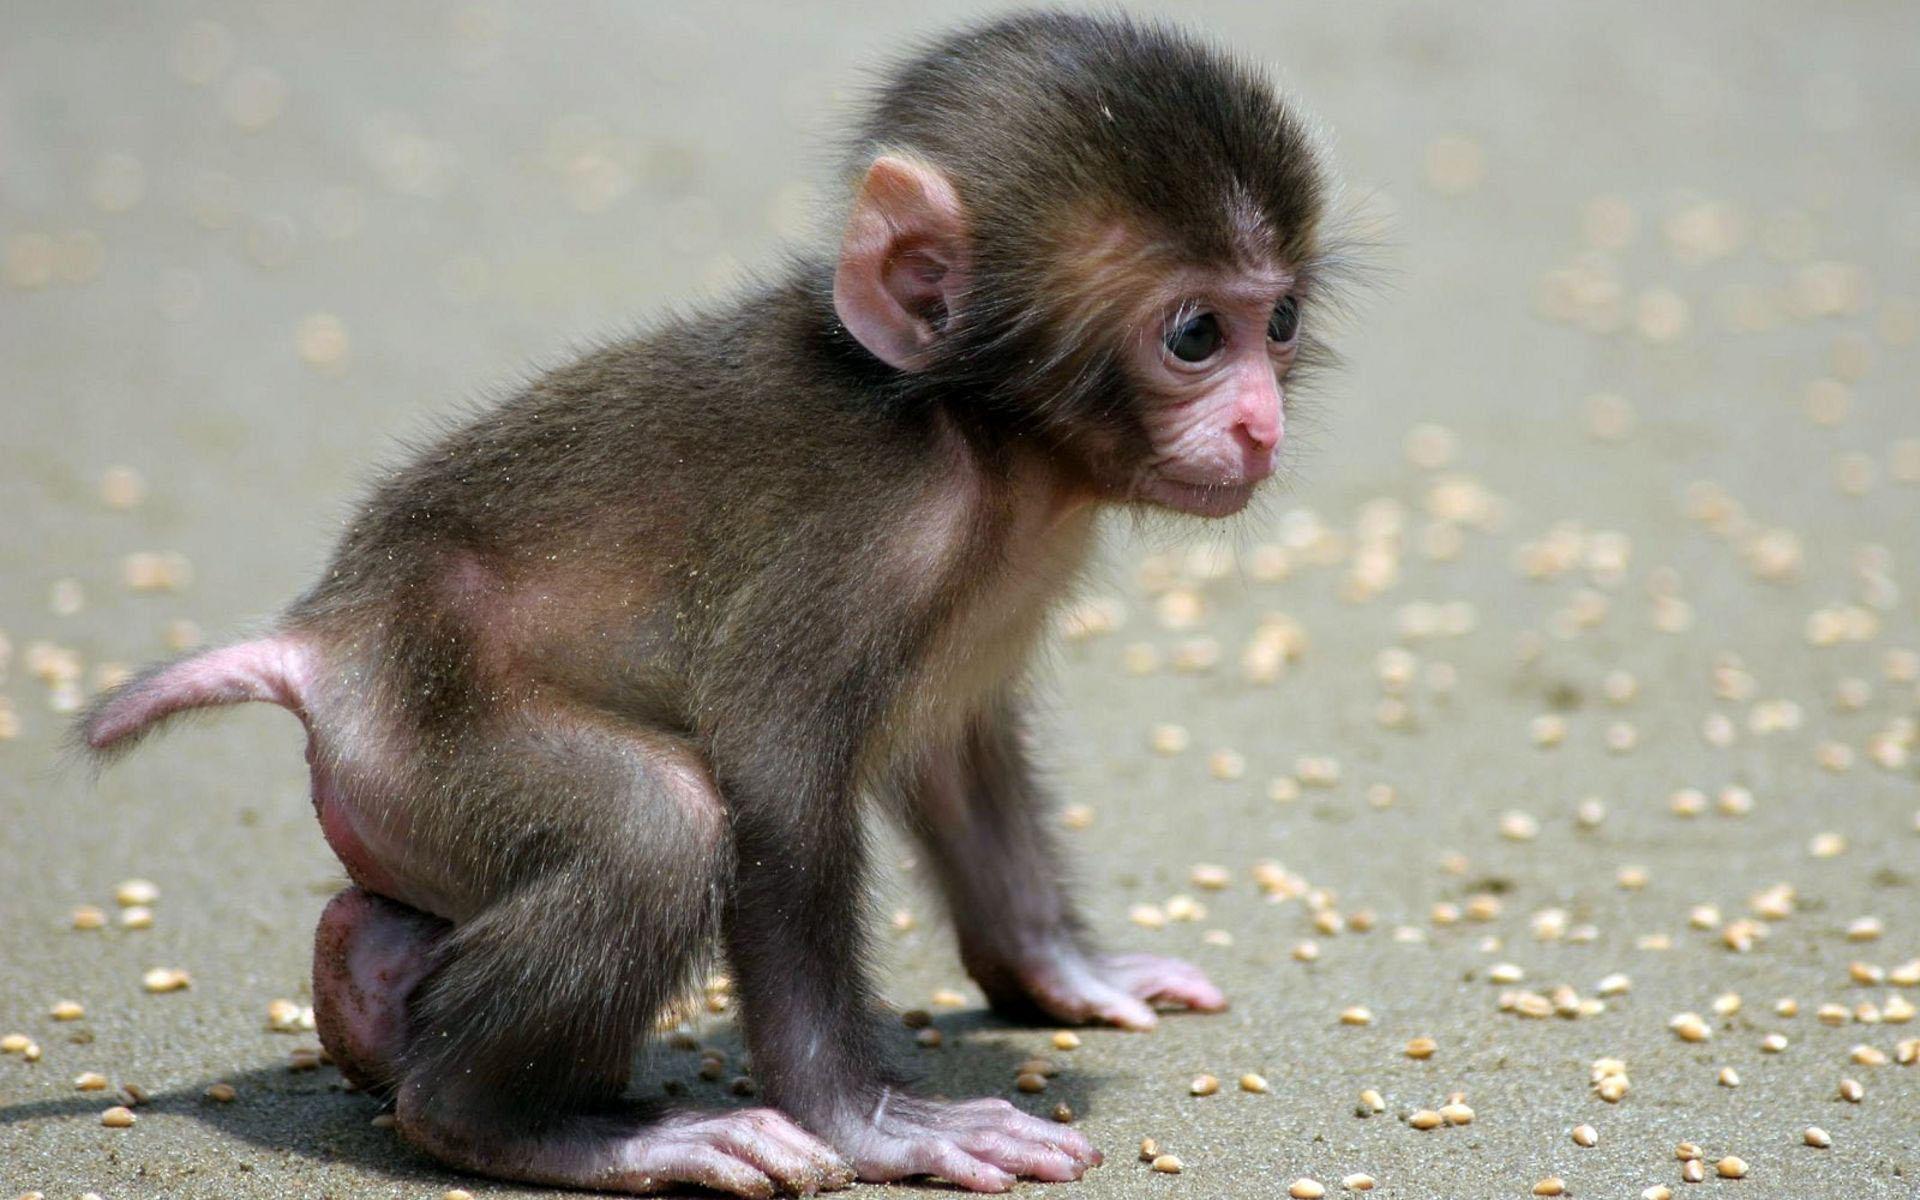 Adorable Monkey Wallpaper